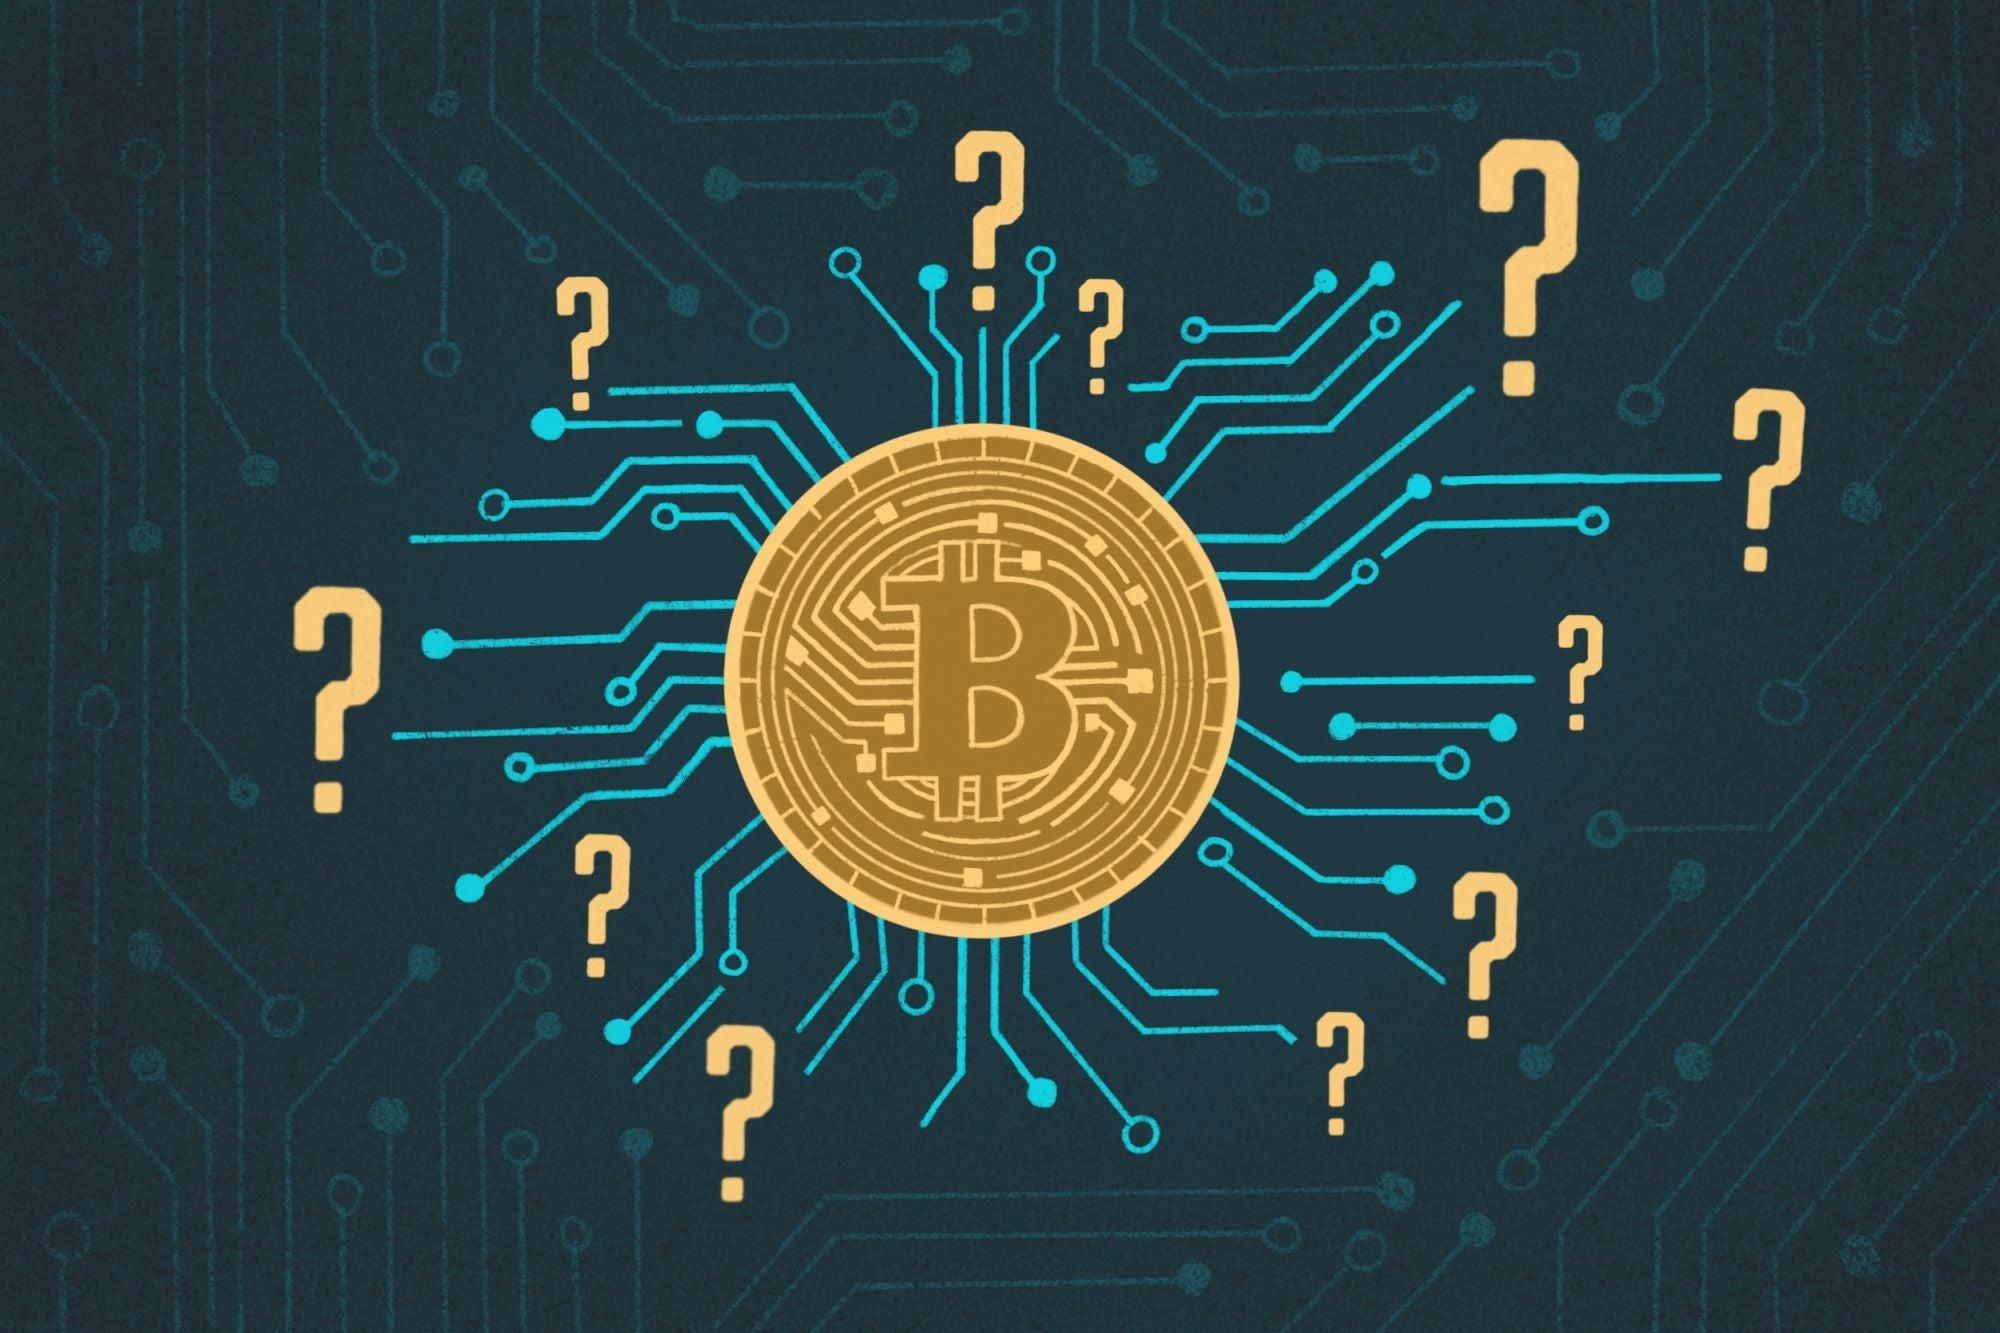 Минюст США опубликовалоруководство о рисках криптовалютной индустрии и стратегиях ее регулирования